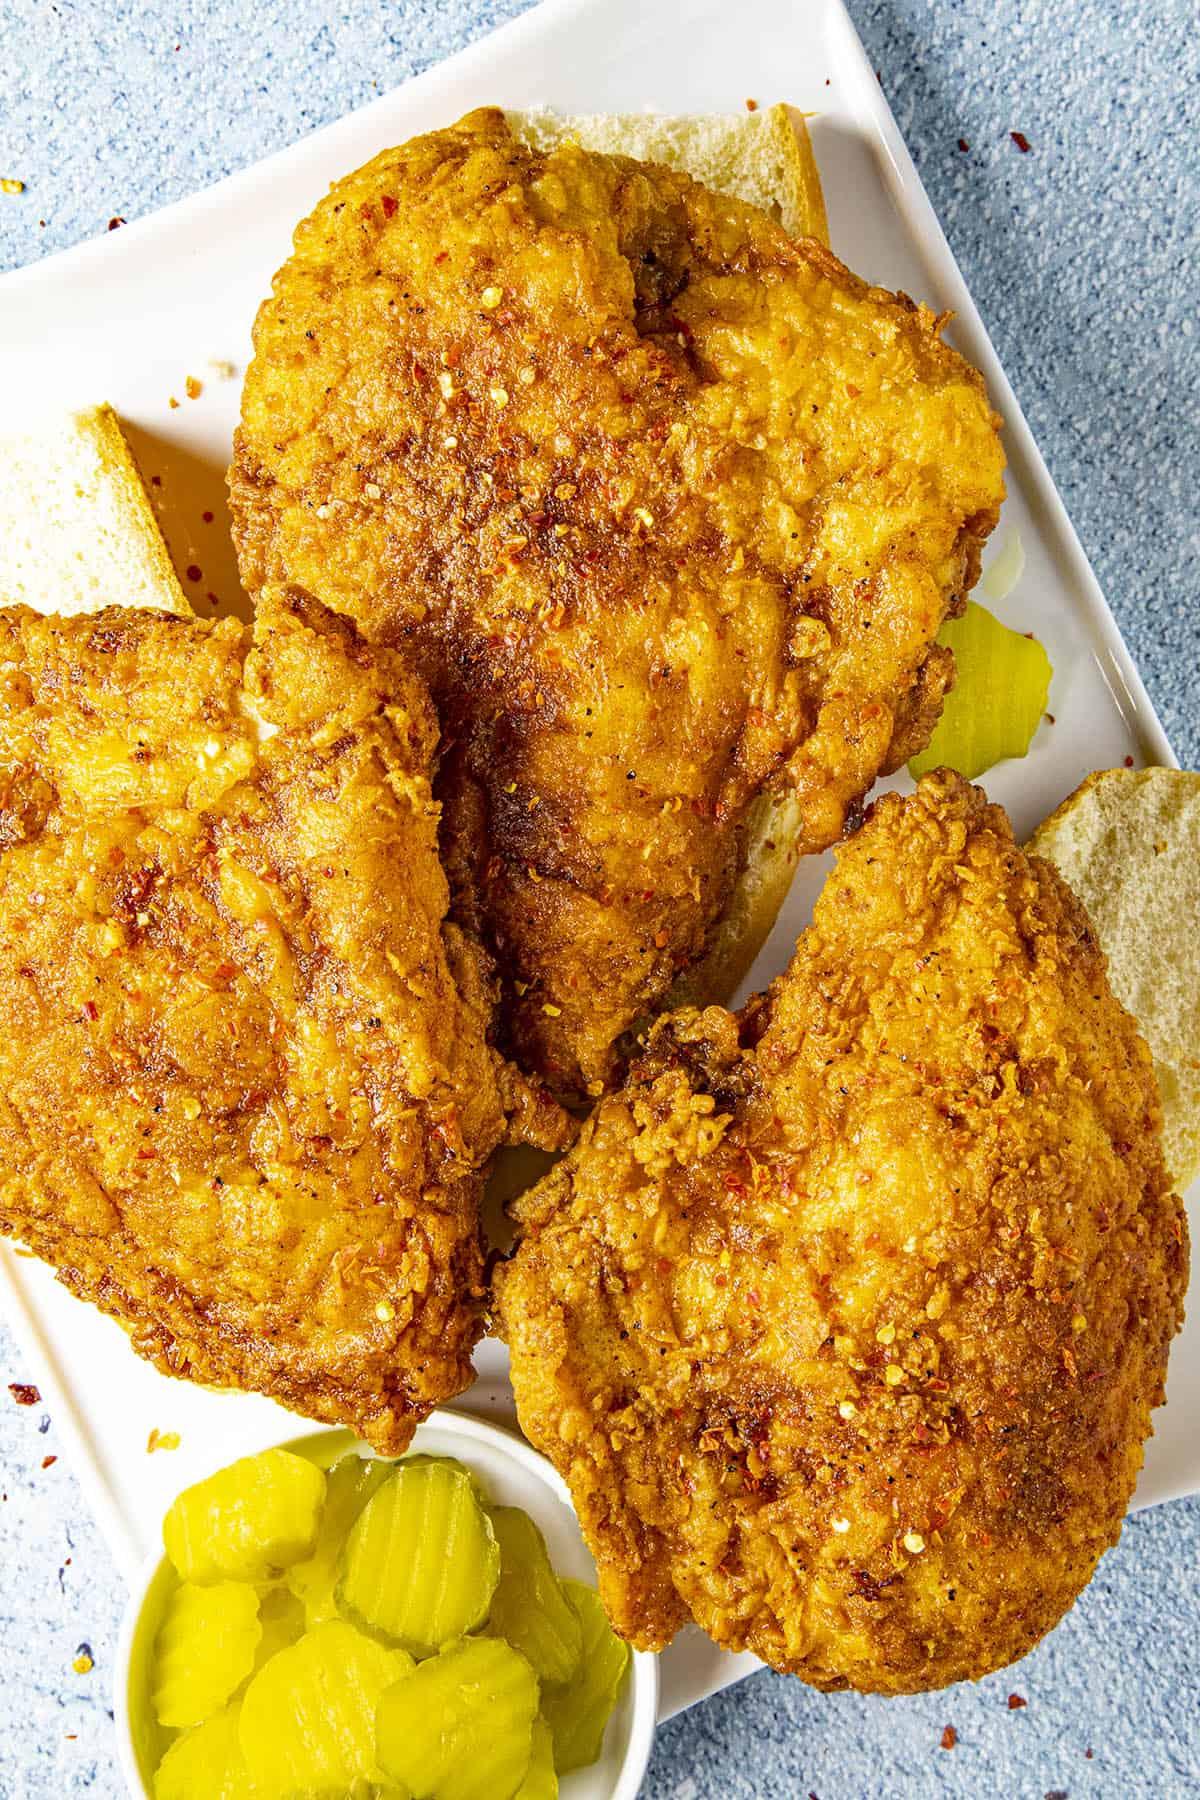 Nashville Hot Chicken, ready to serve